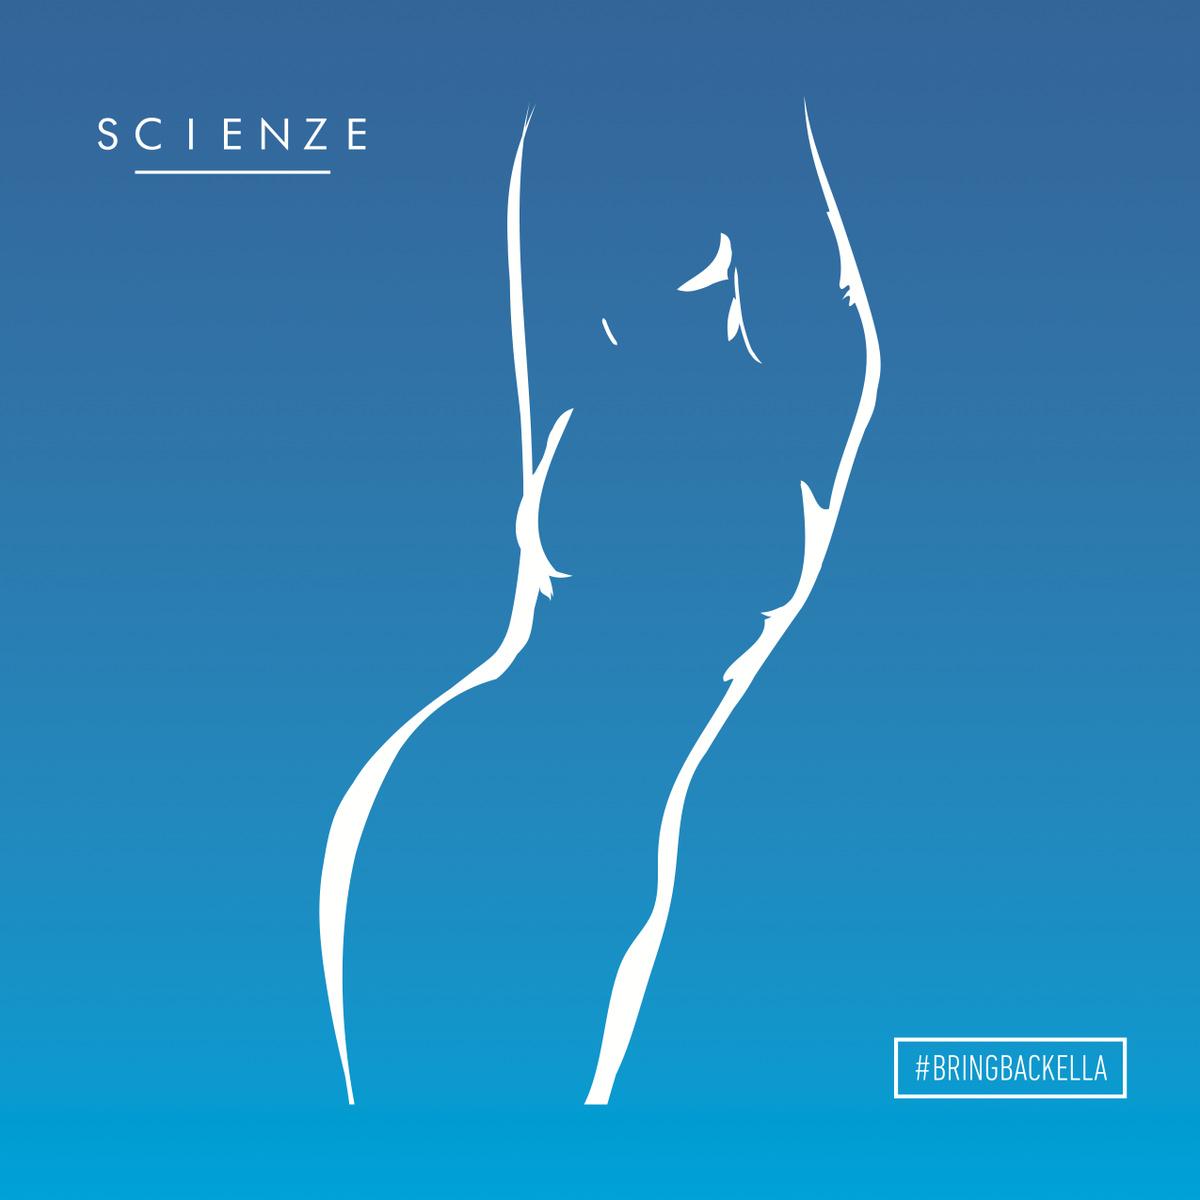 Scienze_-__bringbackella_ep